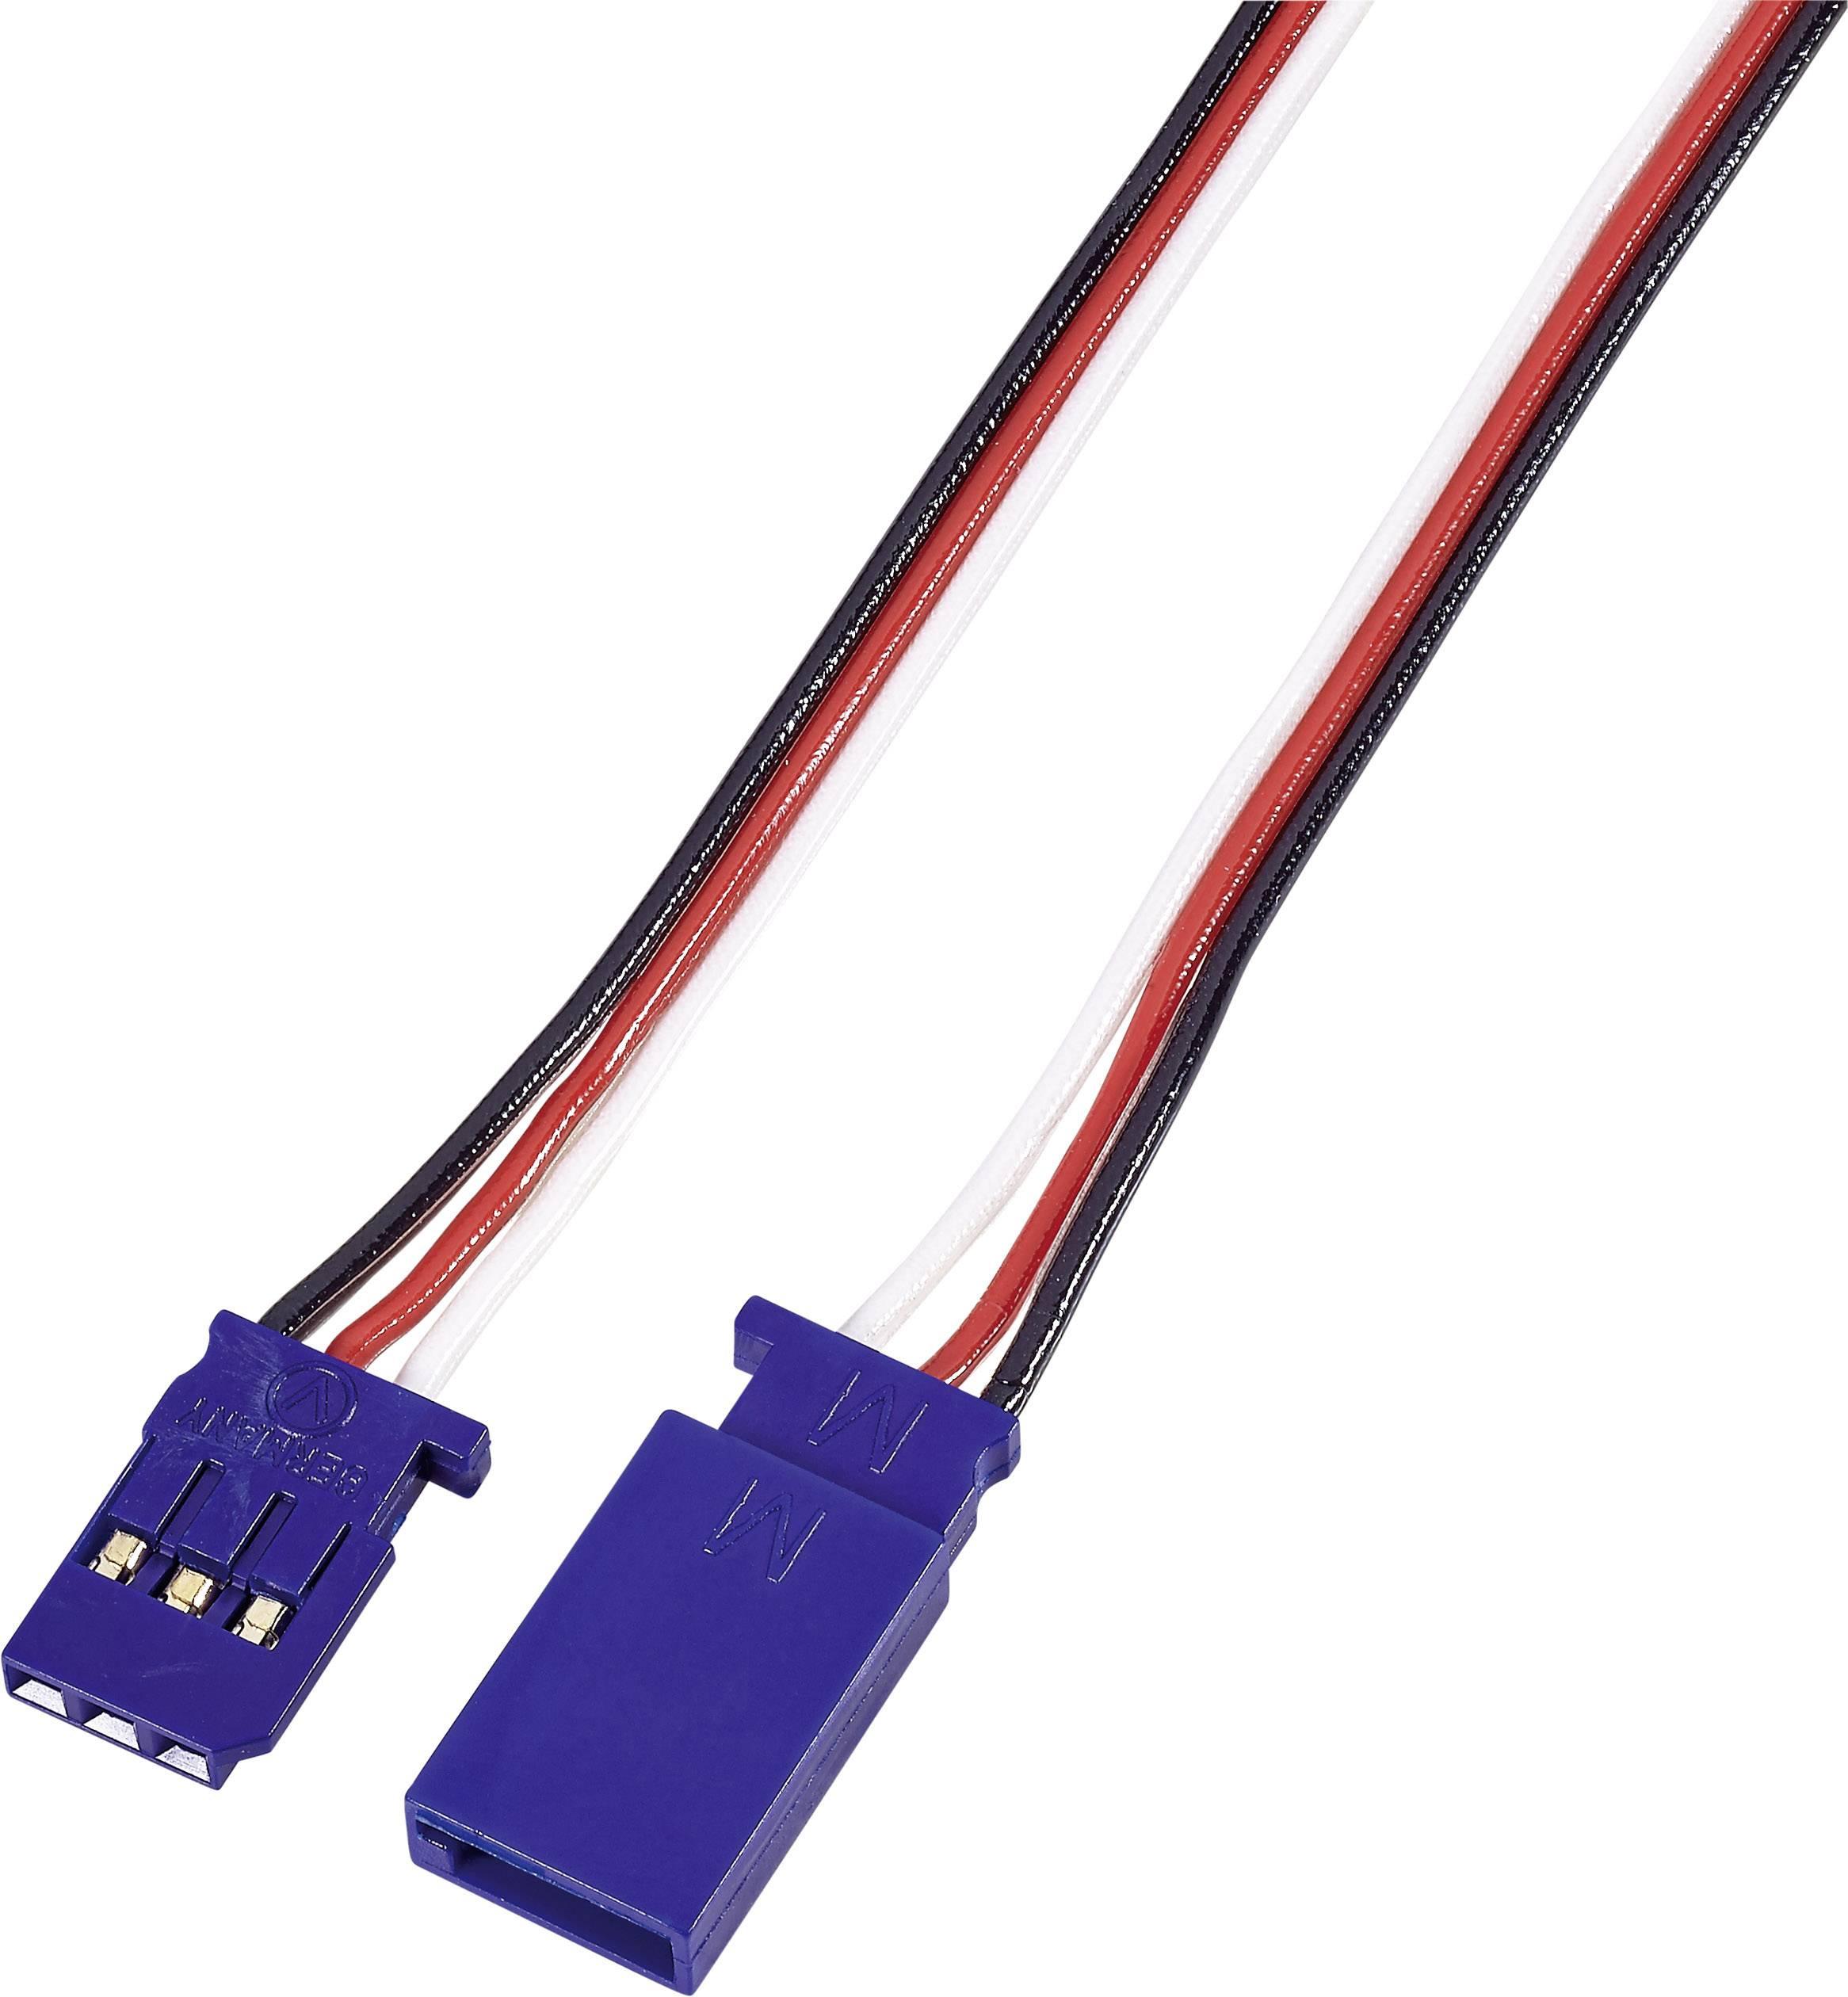 Prodlužovací kabel Modelcraft, konektor Futaba, 50 cm, 0,14 mm²